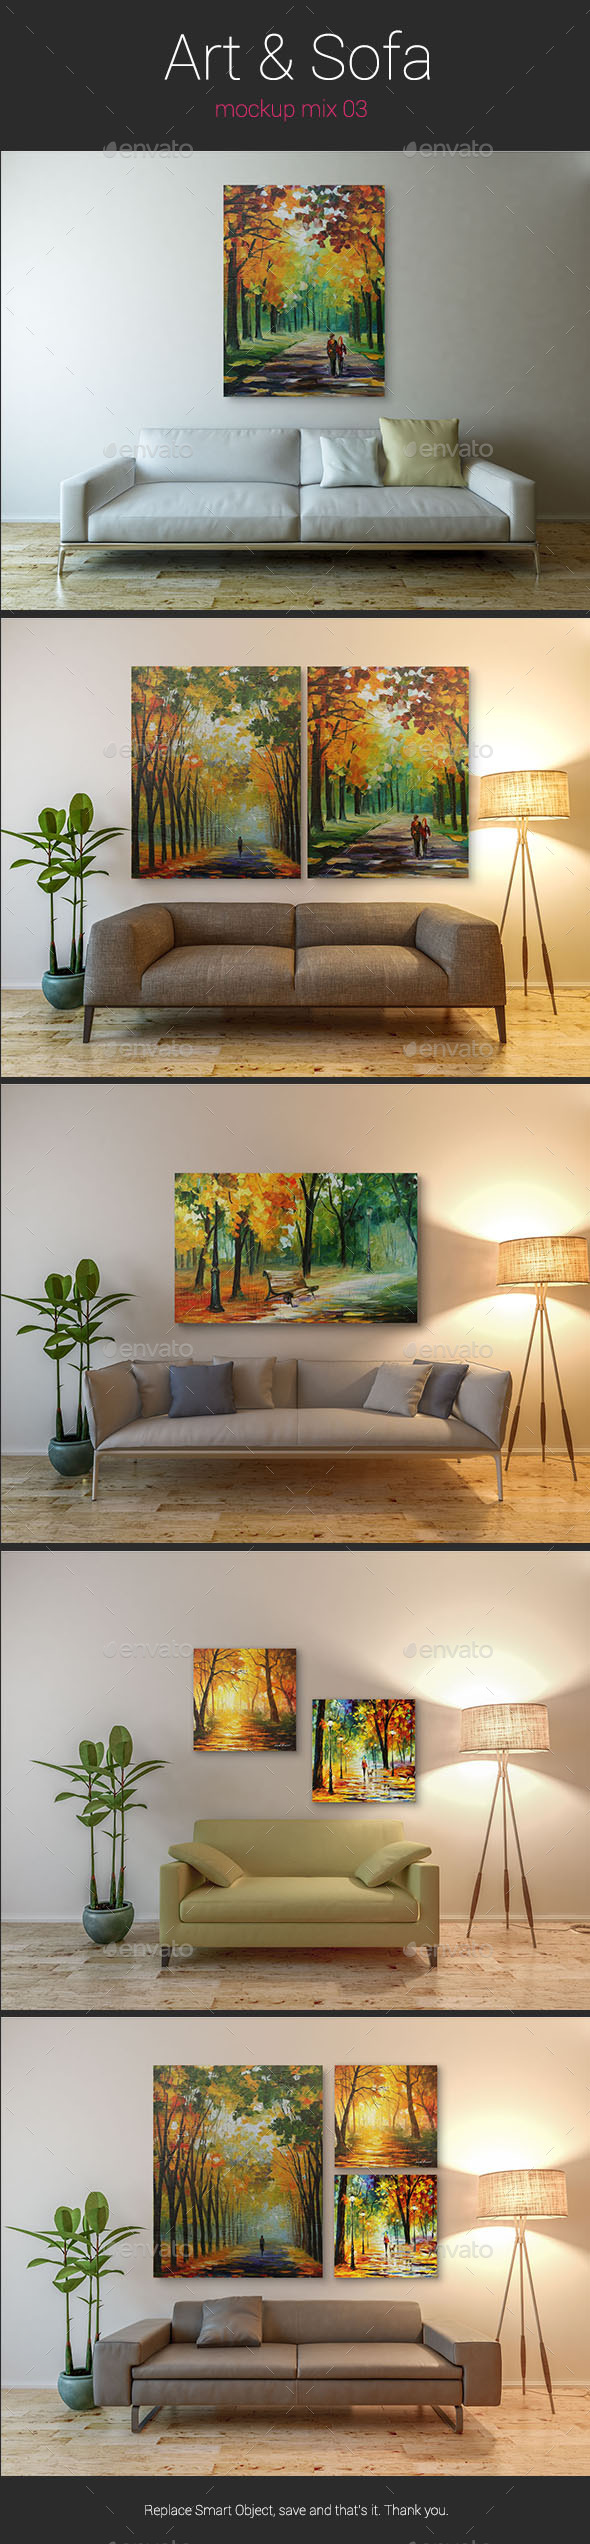 Art & Sofa Mockup - 03 - Posters Print